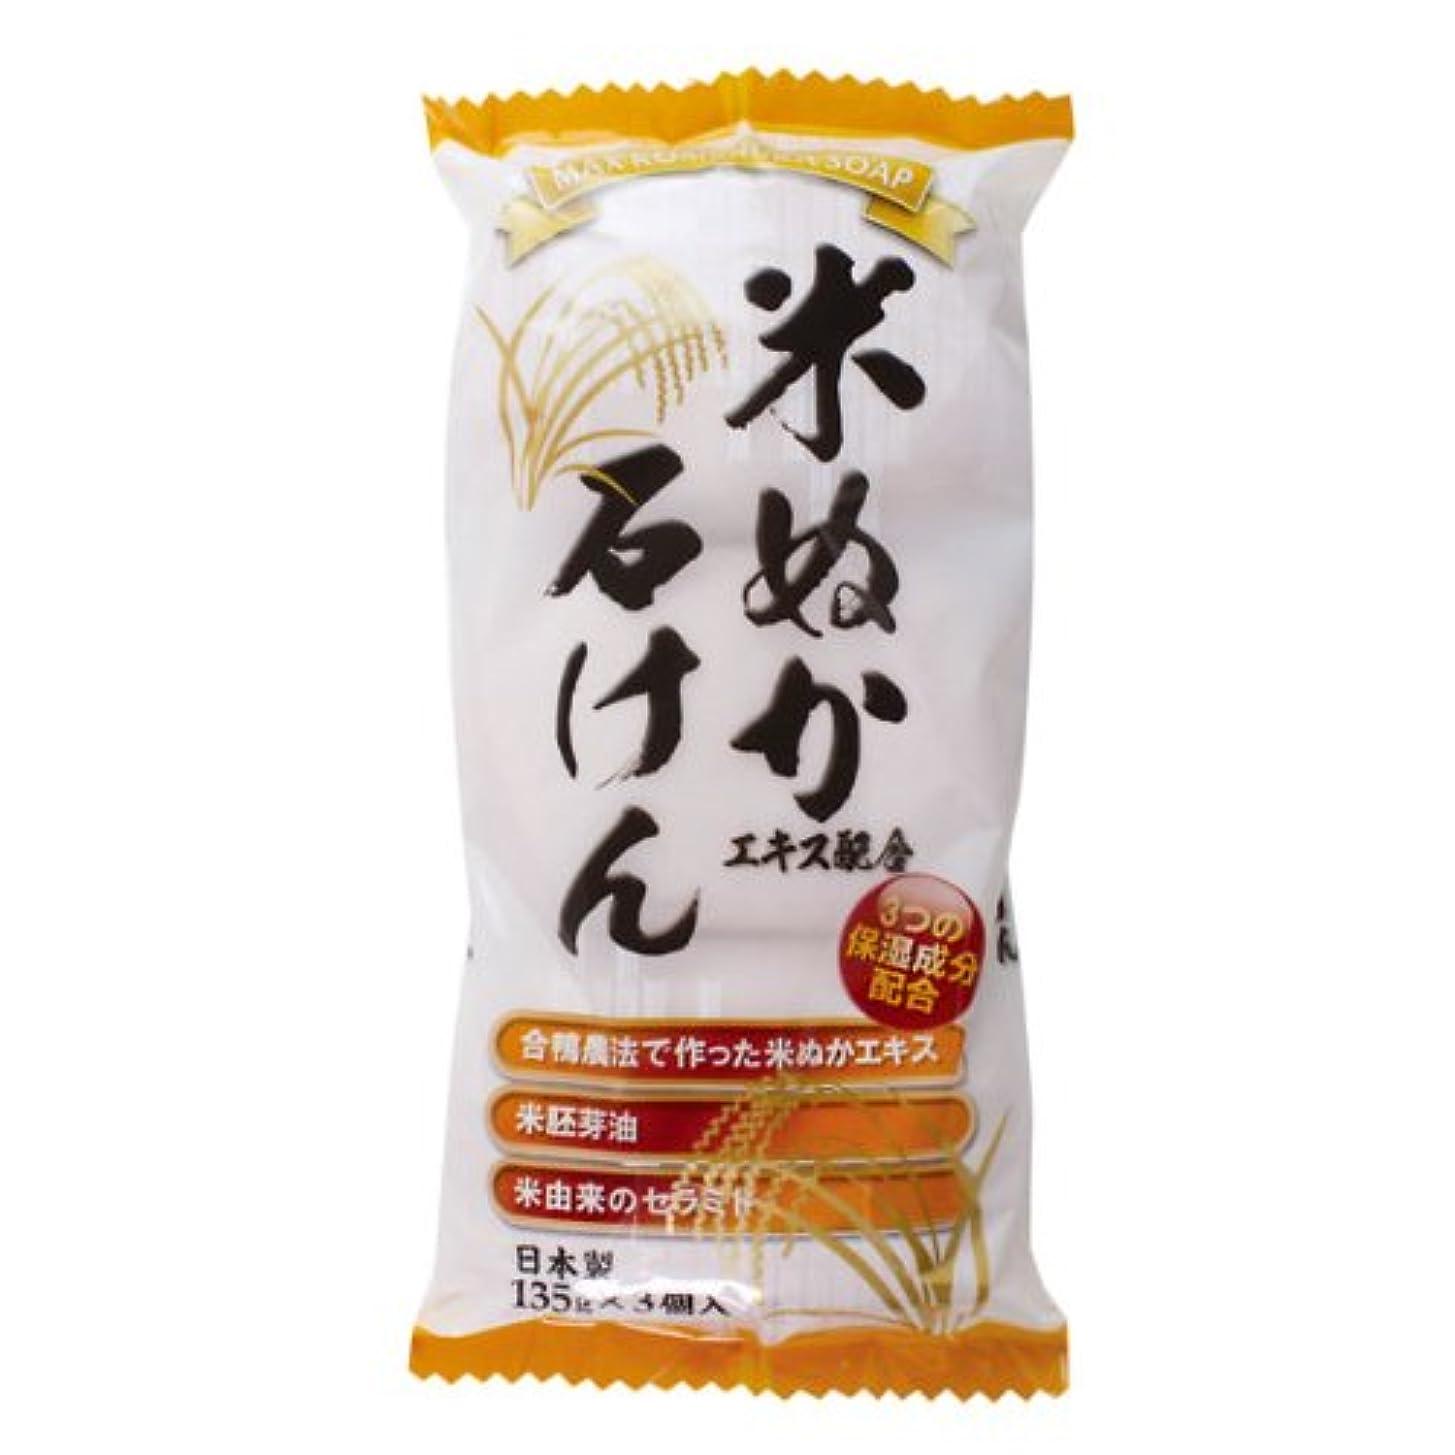 健康タンカーラテン米ぬかエキス配合石けん 3個入 135g×3個